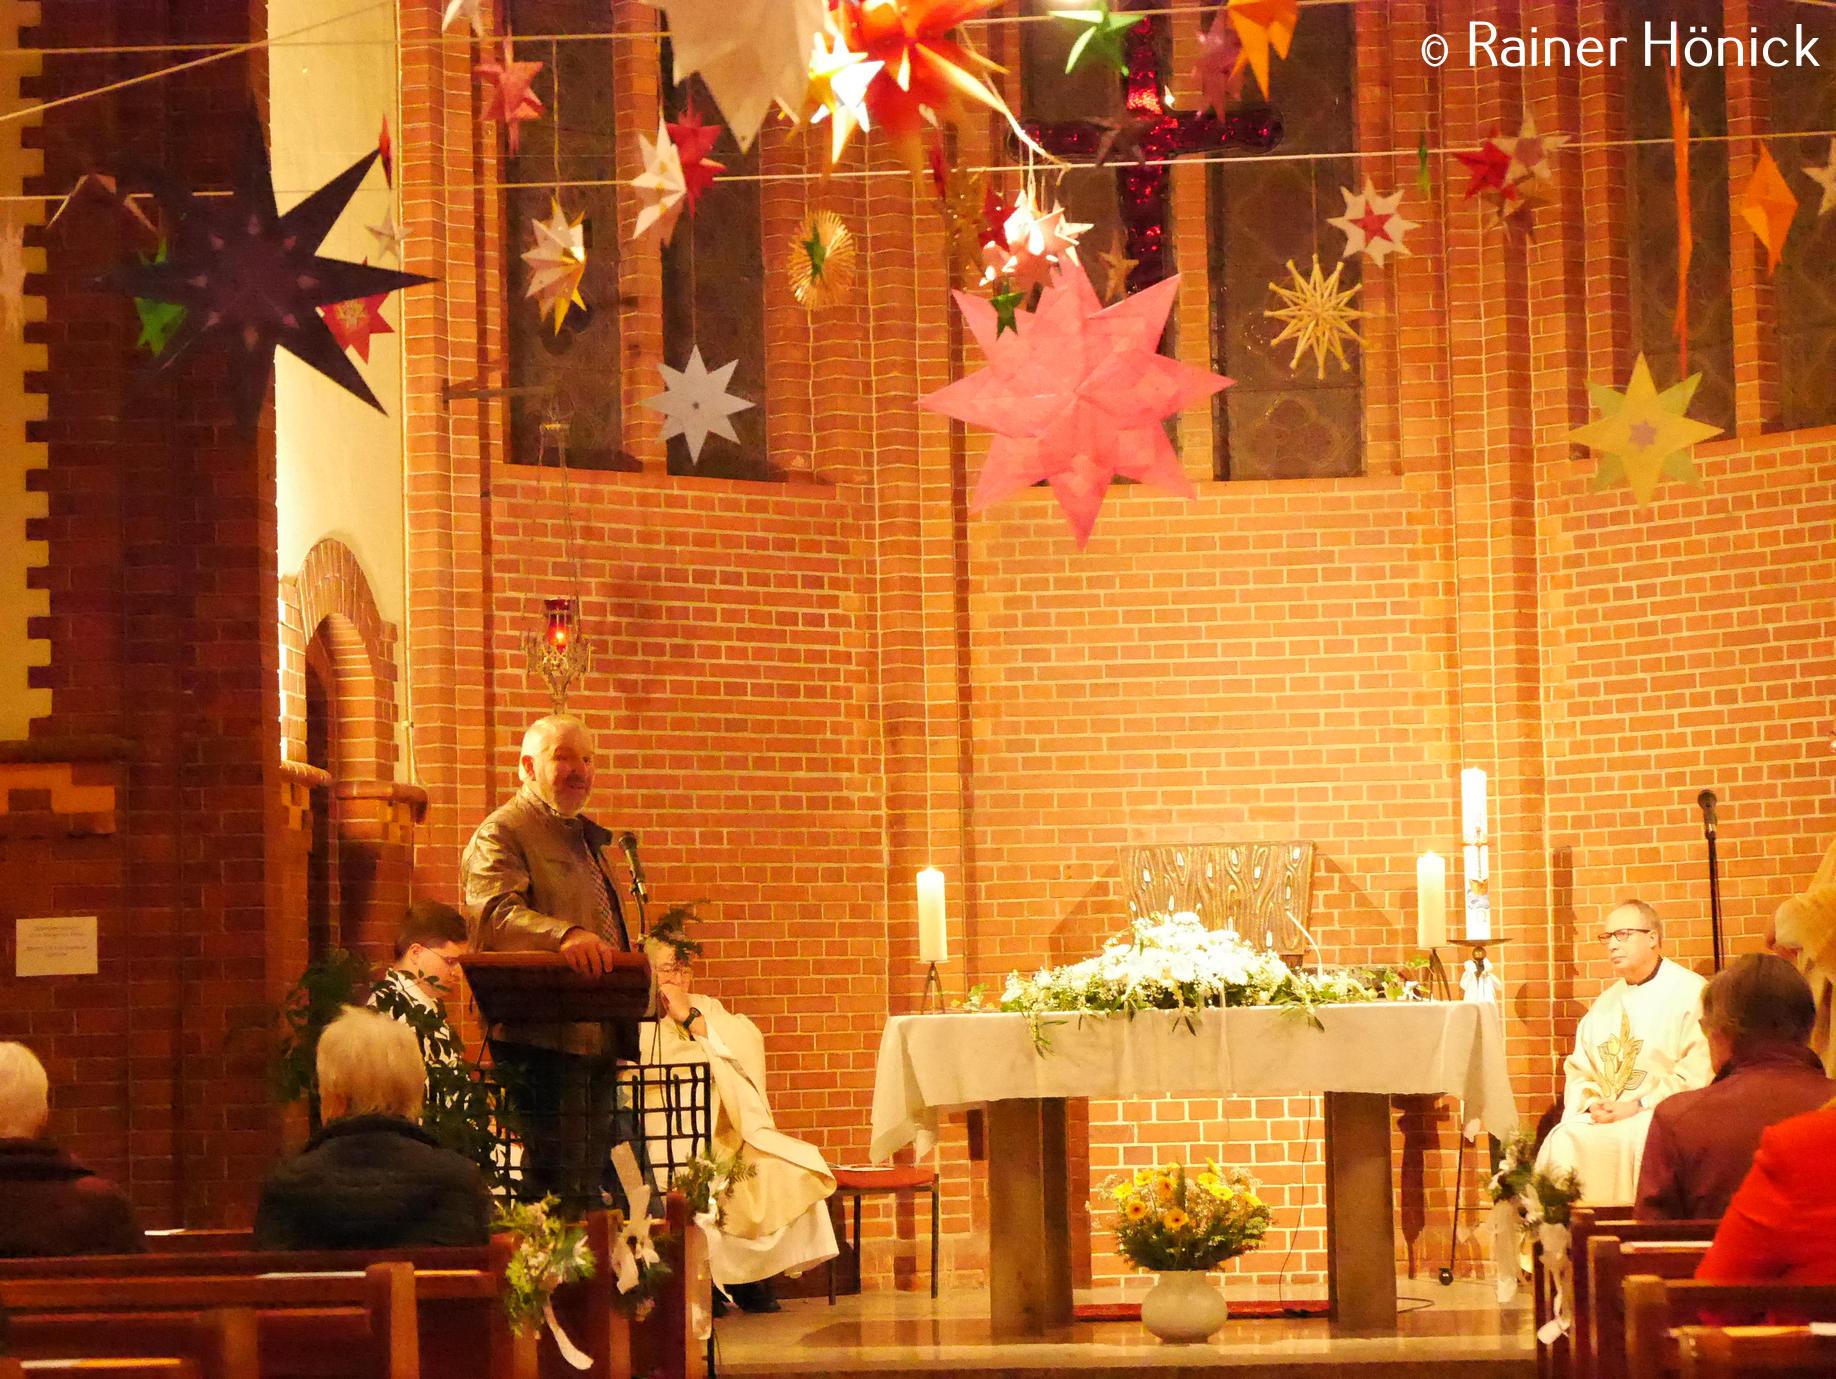 Vorsitzender des Herz-Jesu Vereins Rainer Hönick